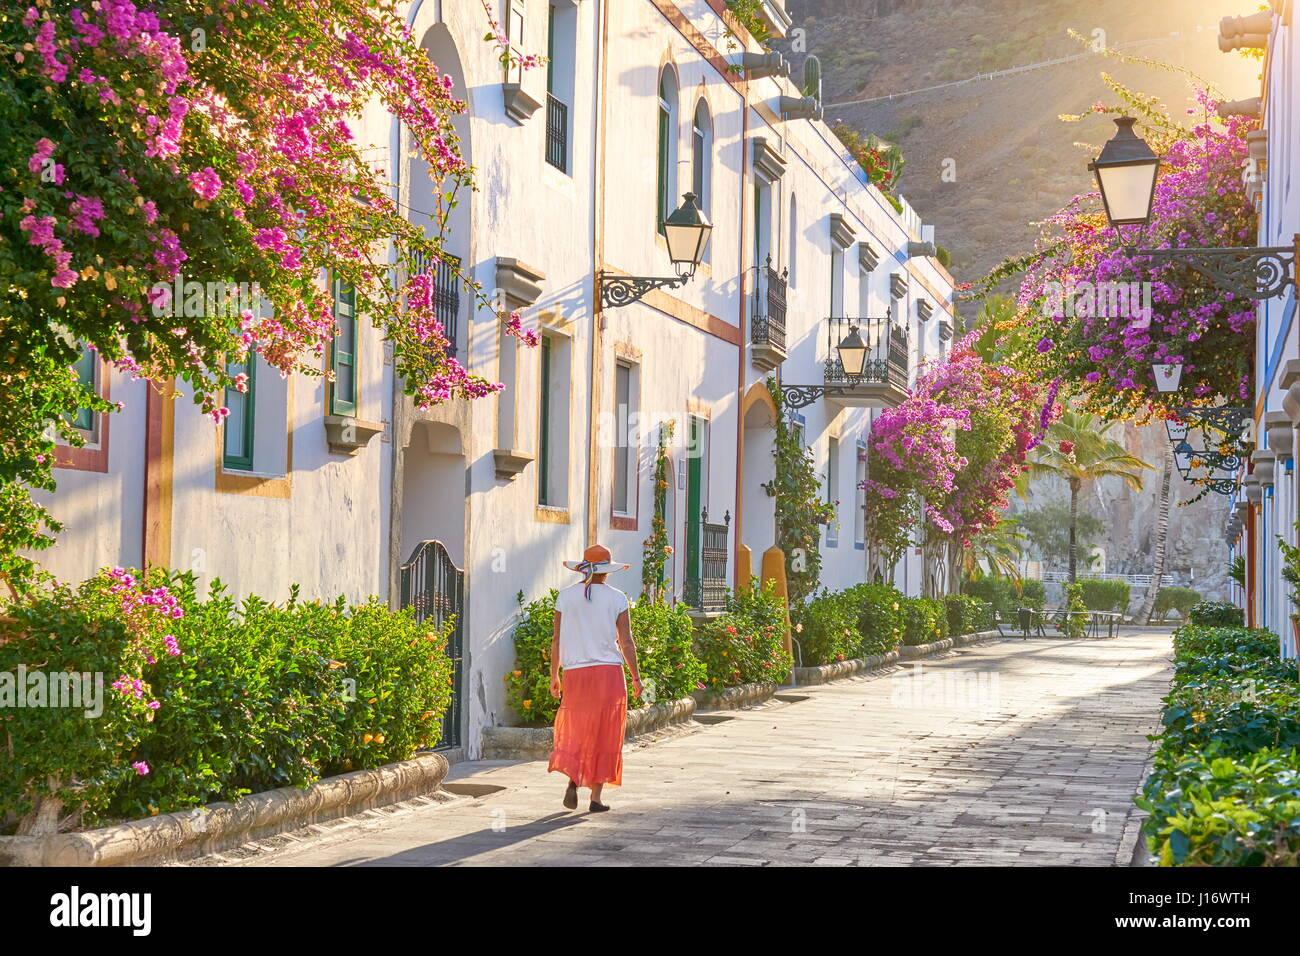 Altstadt Straße mit blühenden Blumen, Puerto de Mogan, Kanarische Inseln, Gran Canaria, Spanien Stockfoto